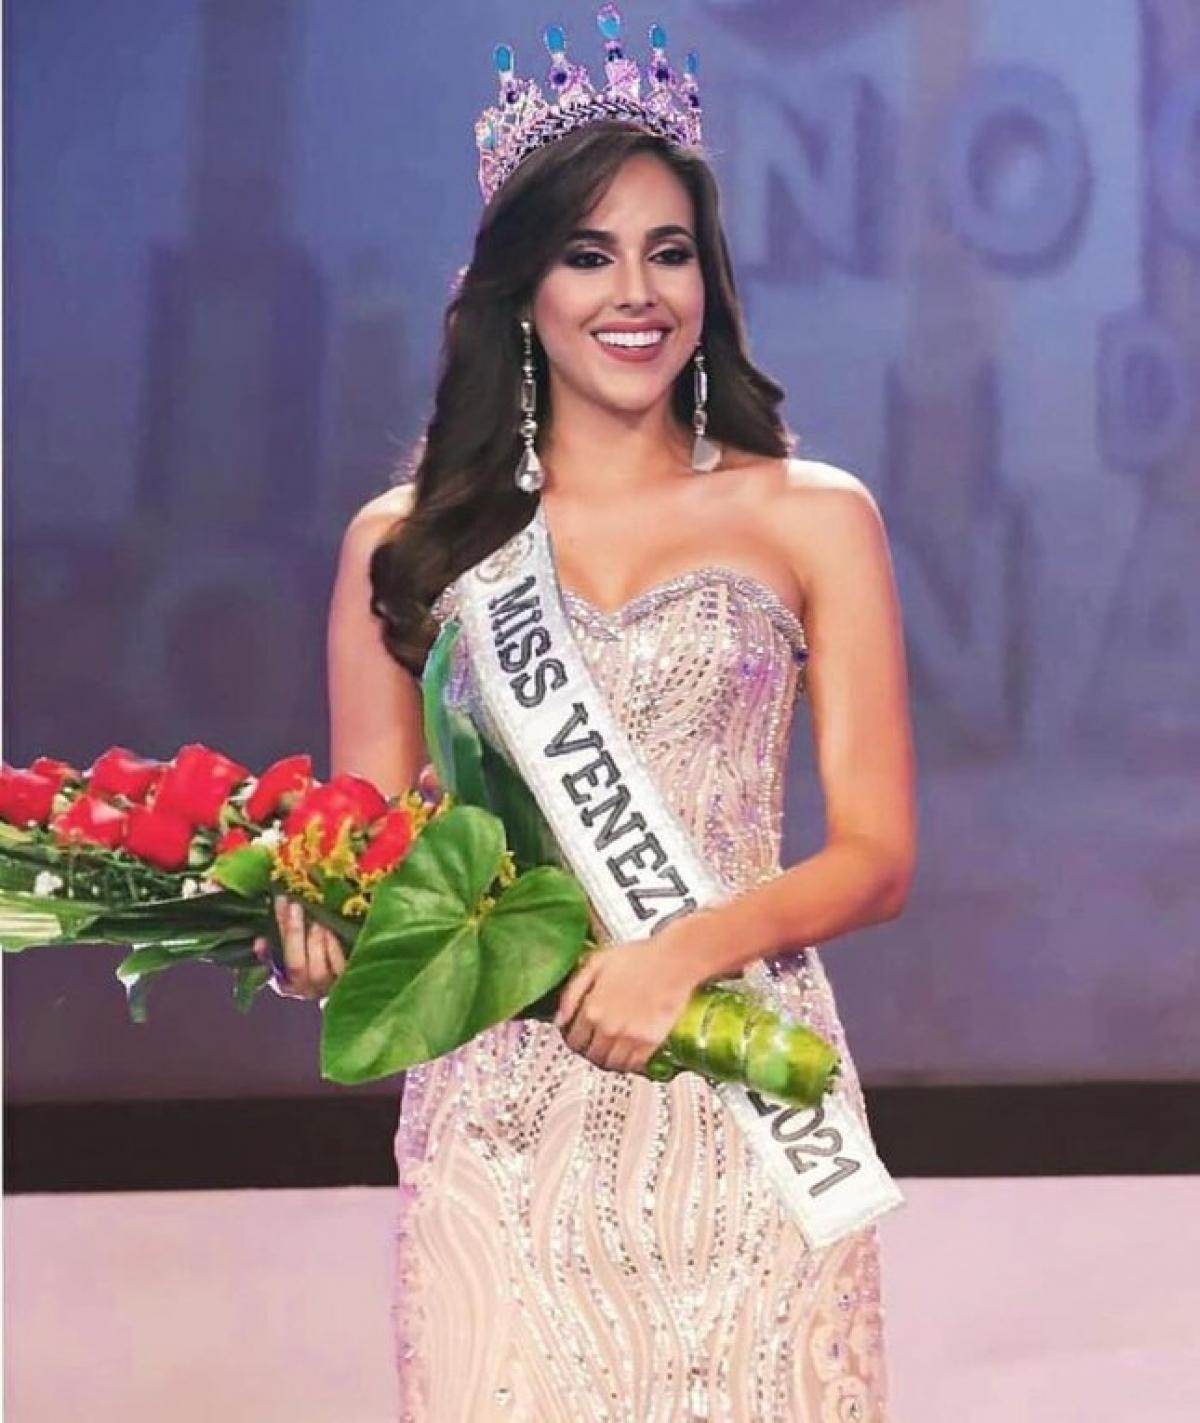 Tân Hoa hậu Hoàn vũ Venezuela với nhan sắc cực phẩm